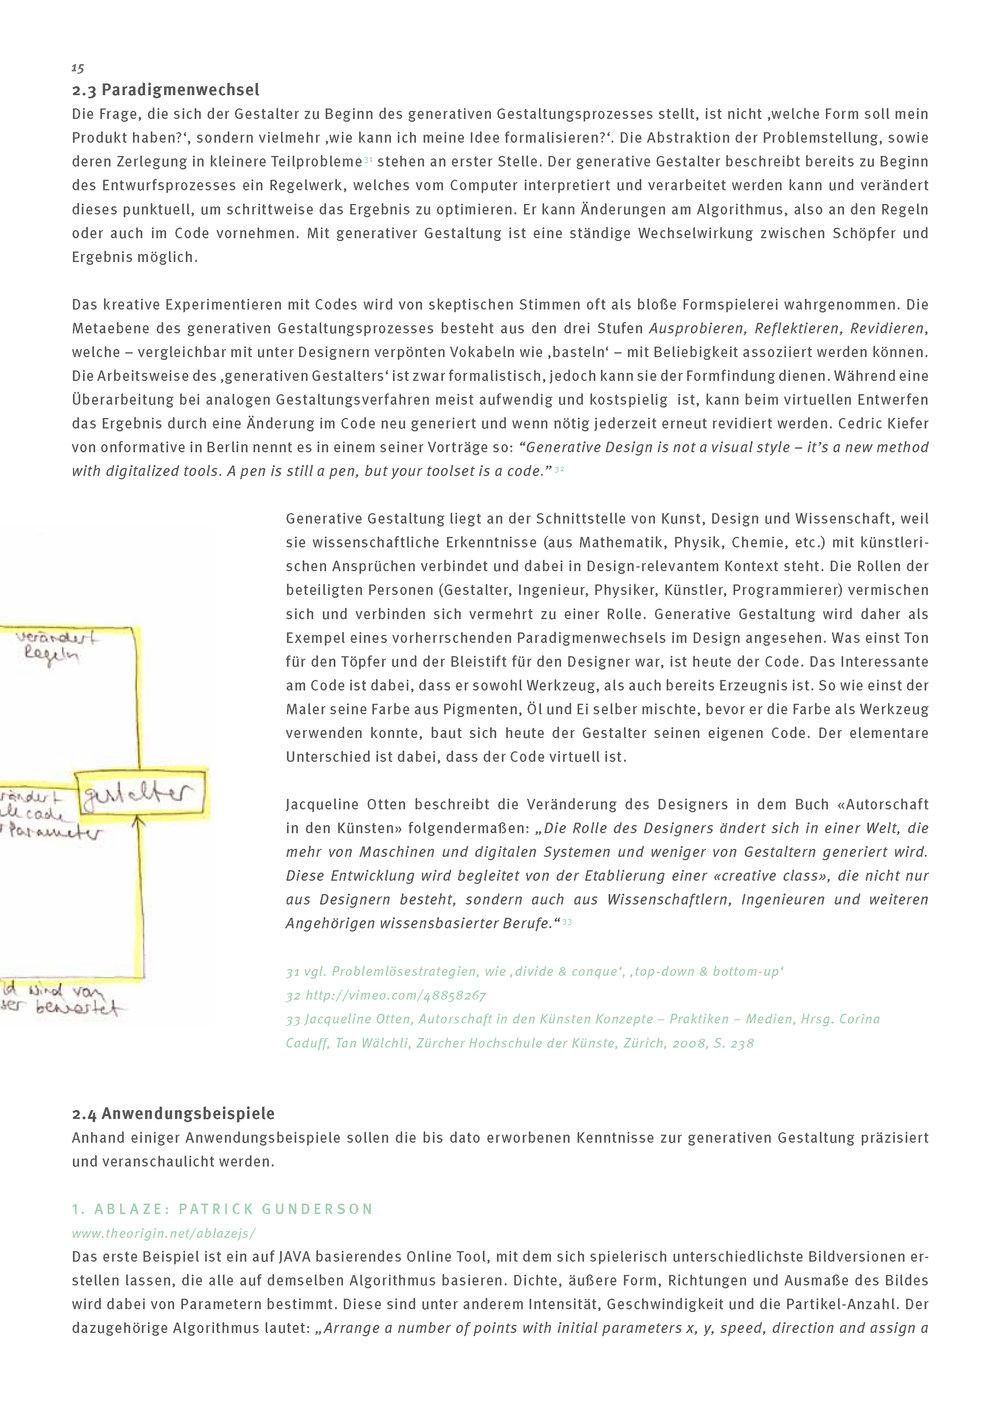 Generative Gestaltung-eine Entwurfsmethode_Einzelseiten_Seite_15.jpg